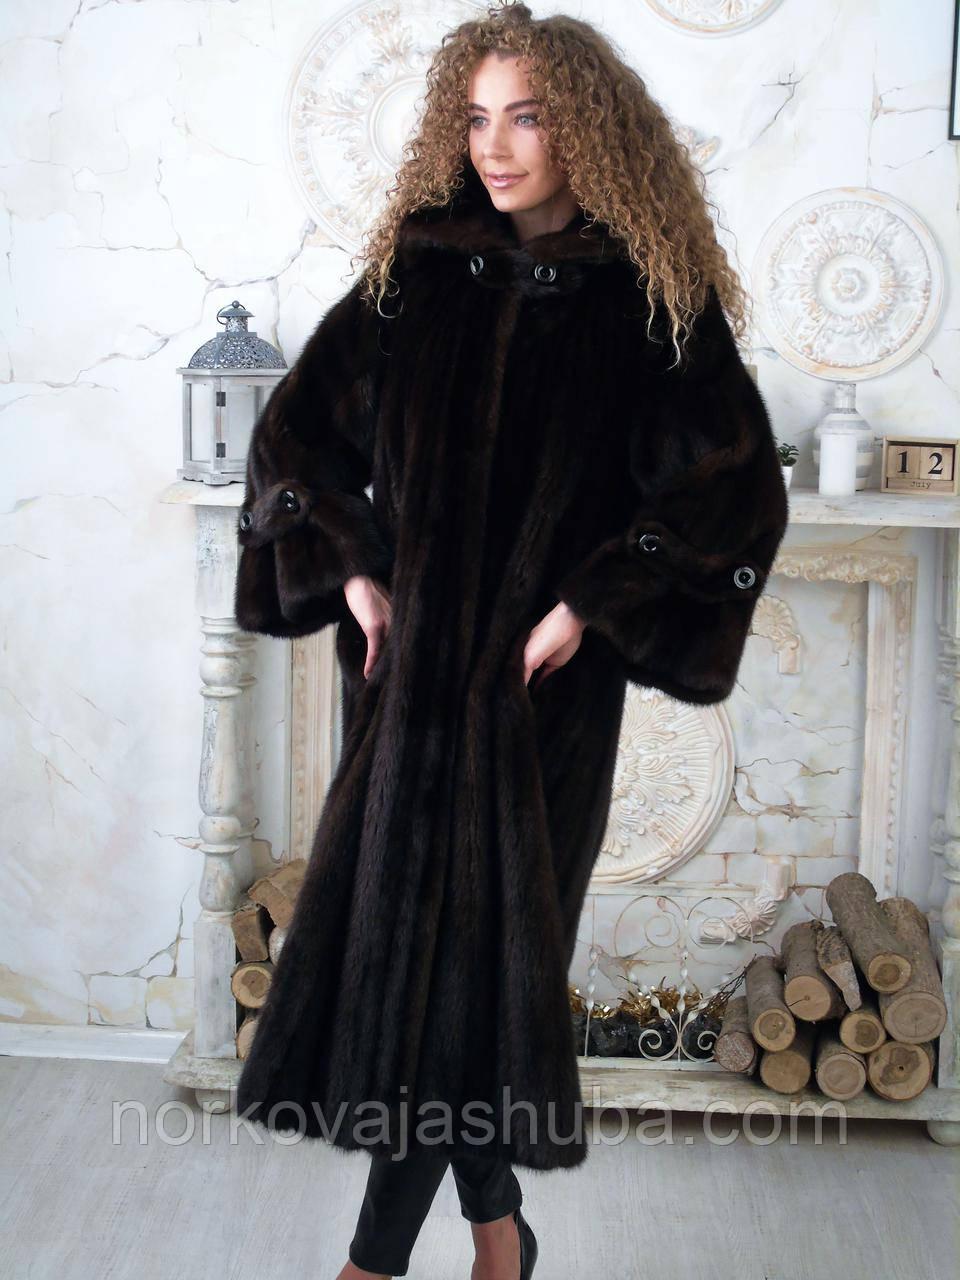 Норкова шуба довга жіноча 46 48 розміри